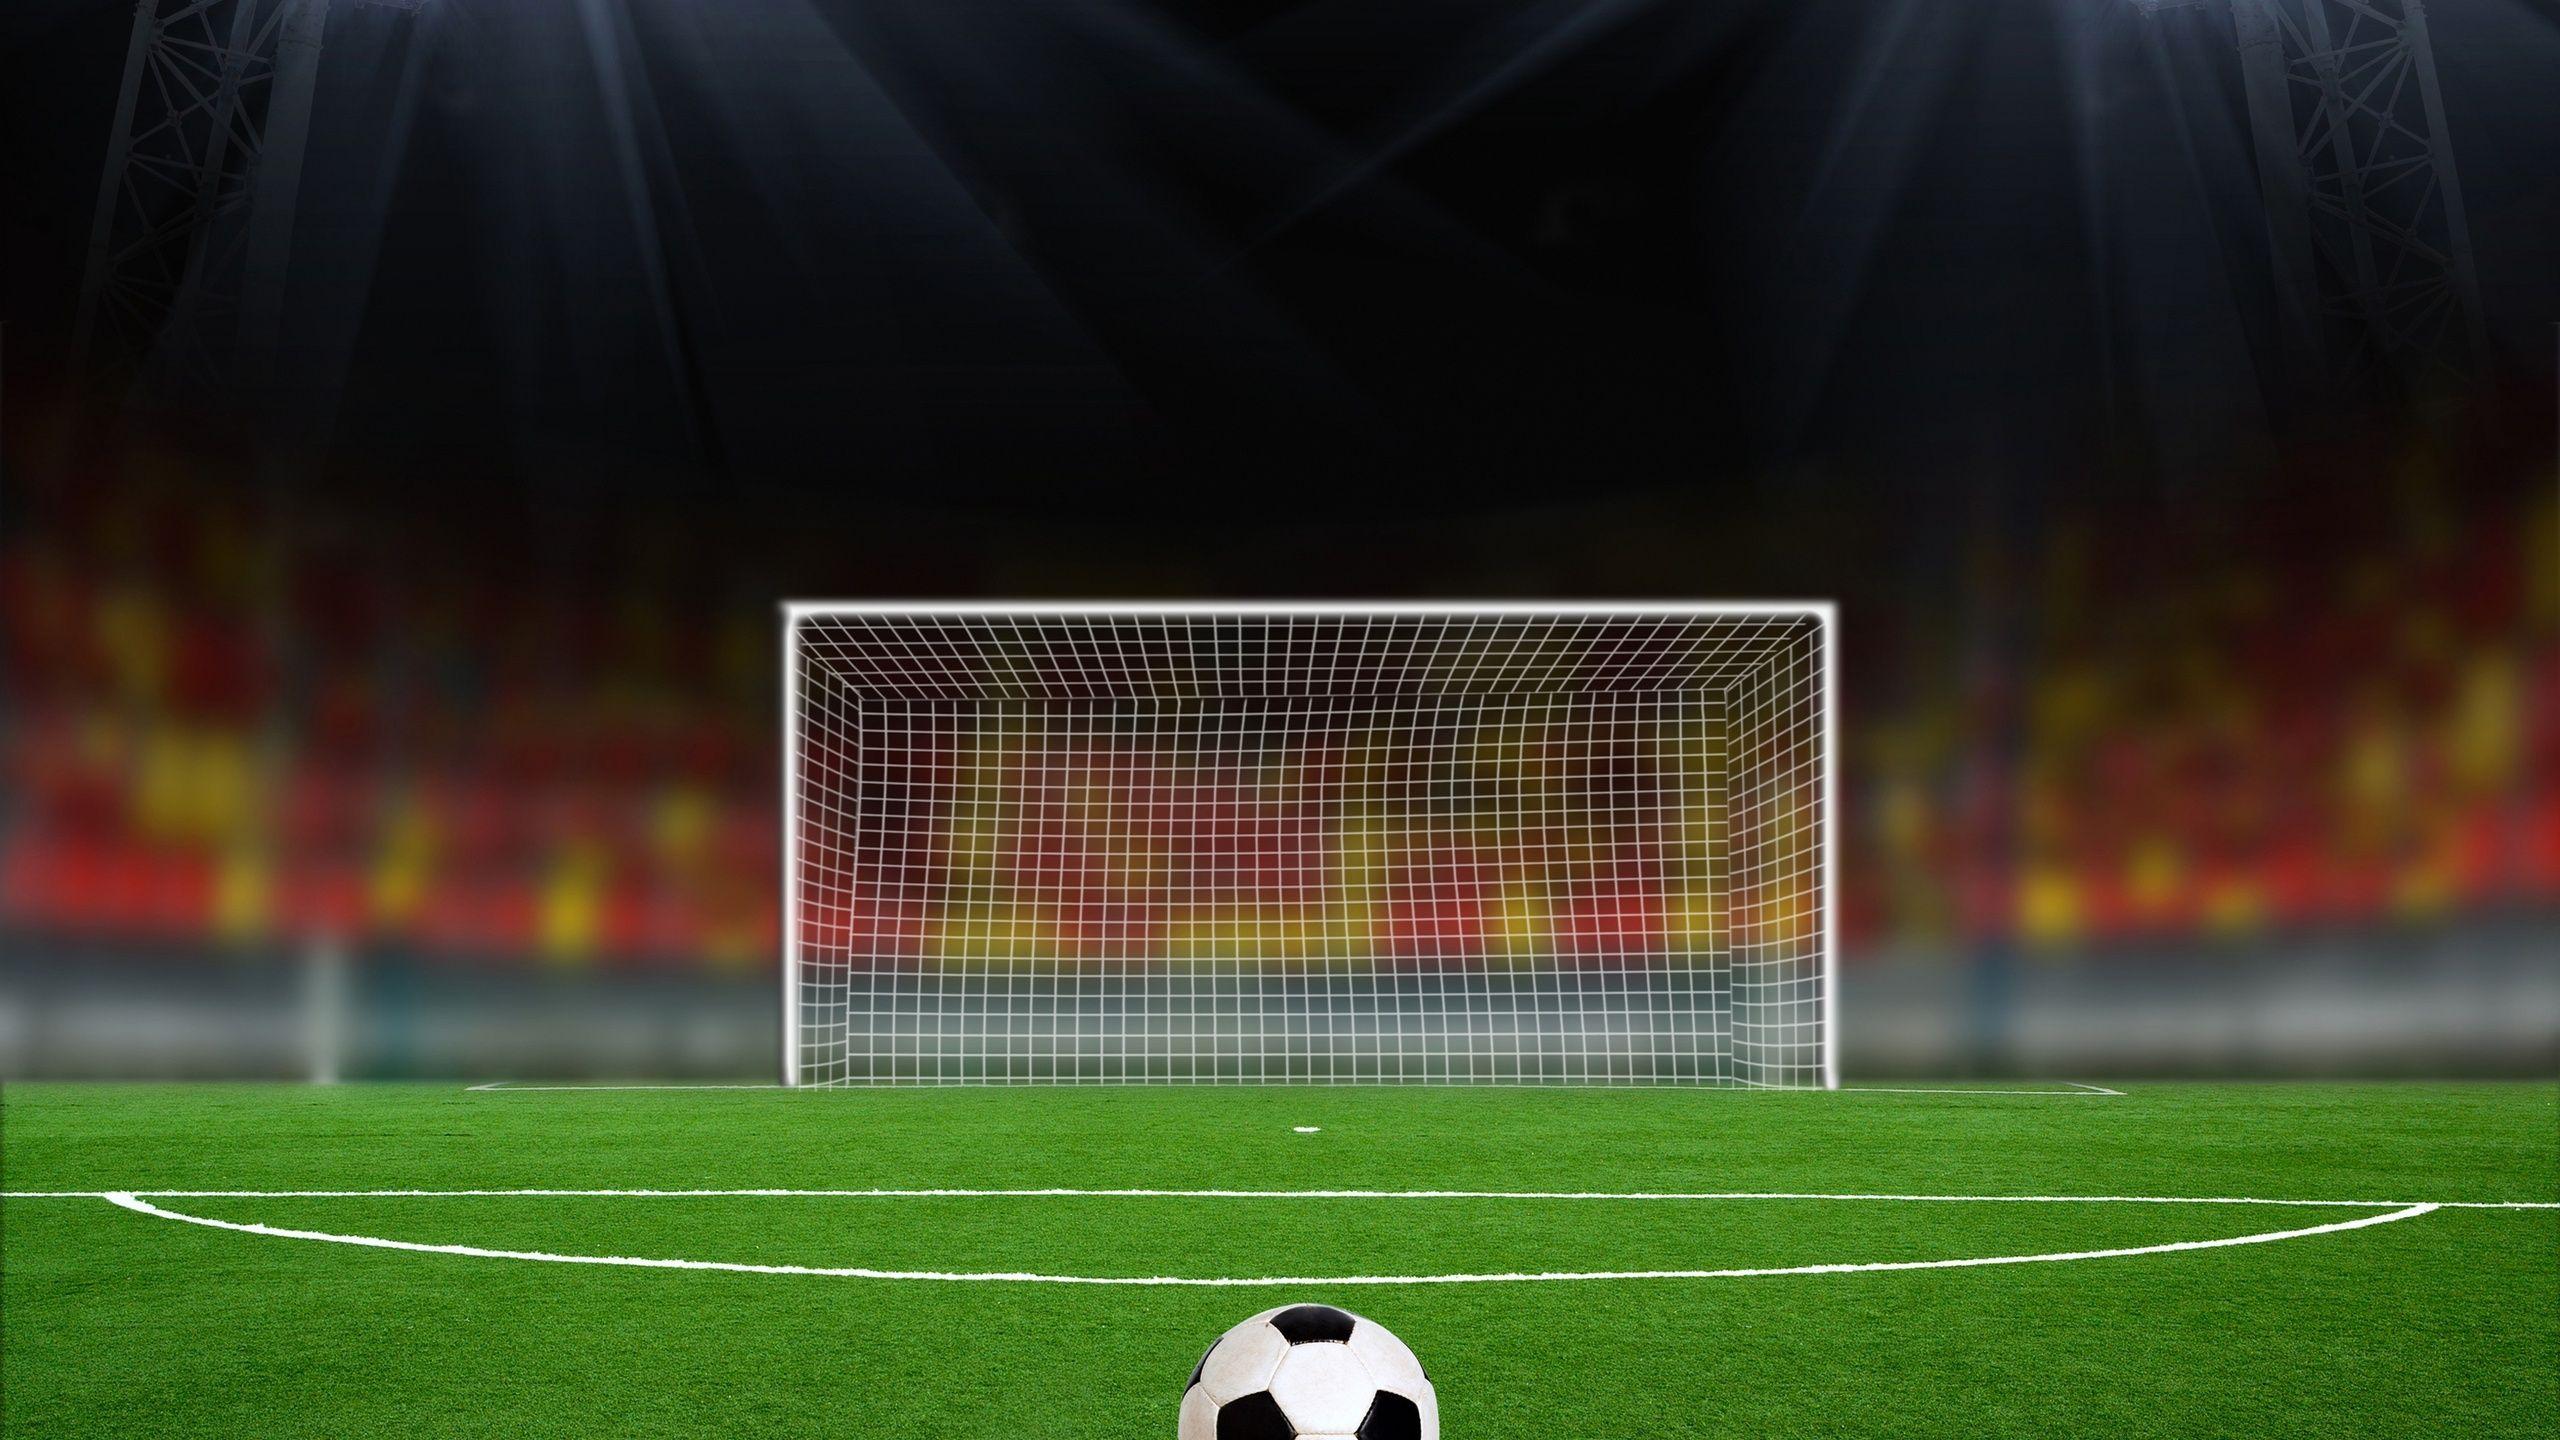 Football Wallpaper Desktop Background Football Background Soccer Goal Soccer